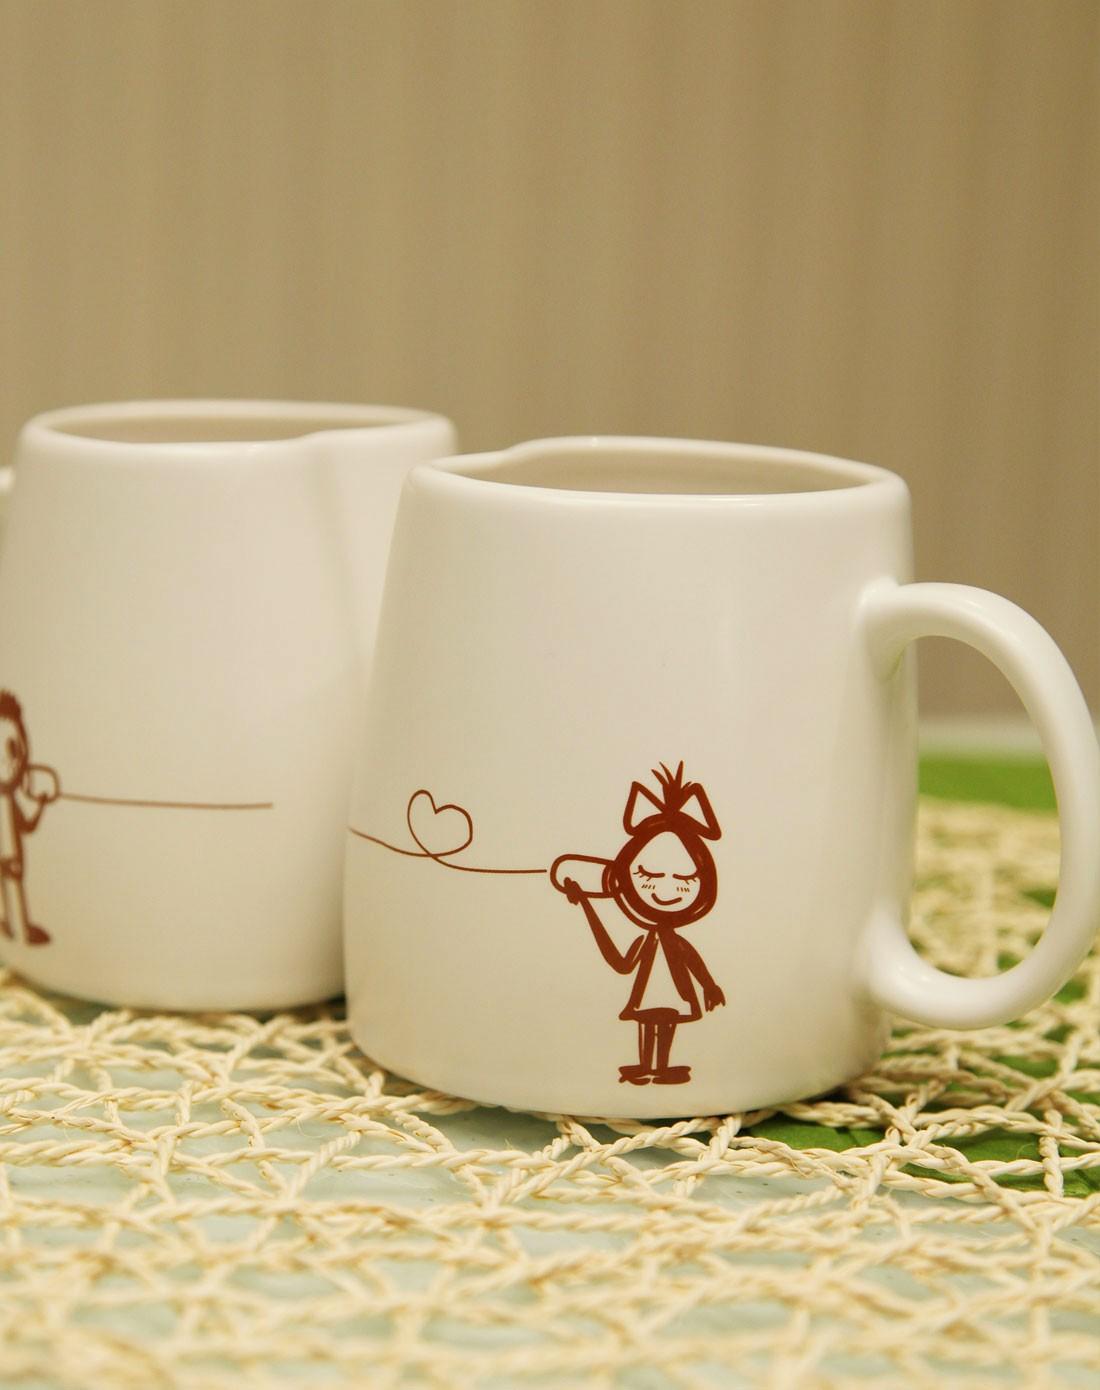 oasso创意简笔画情侣对杯图片